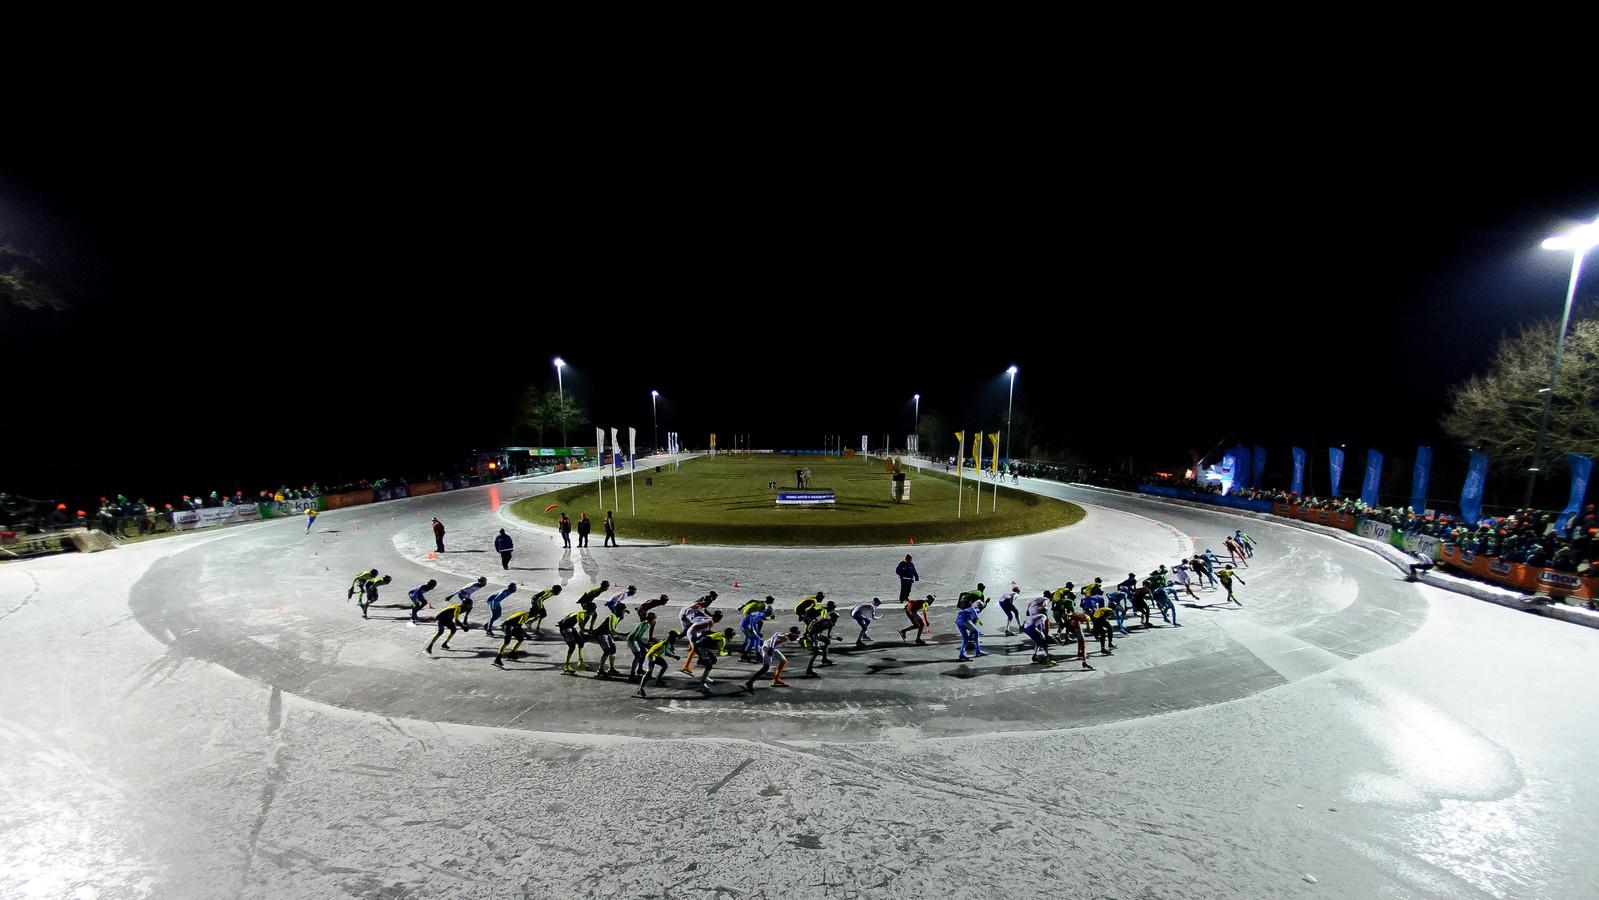 Marathon in Haaksbergen.